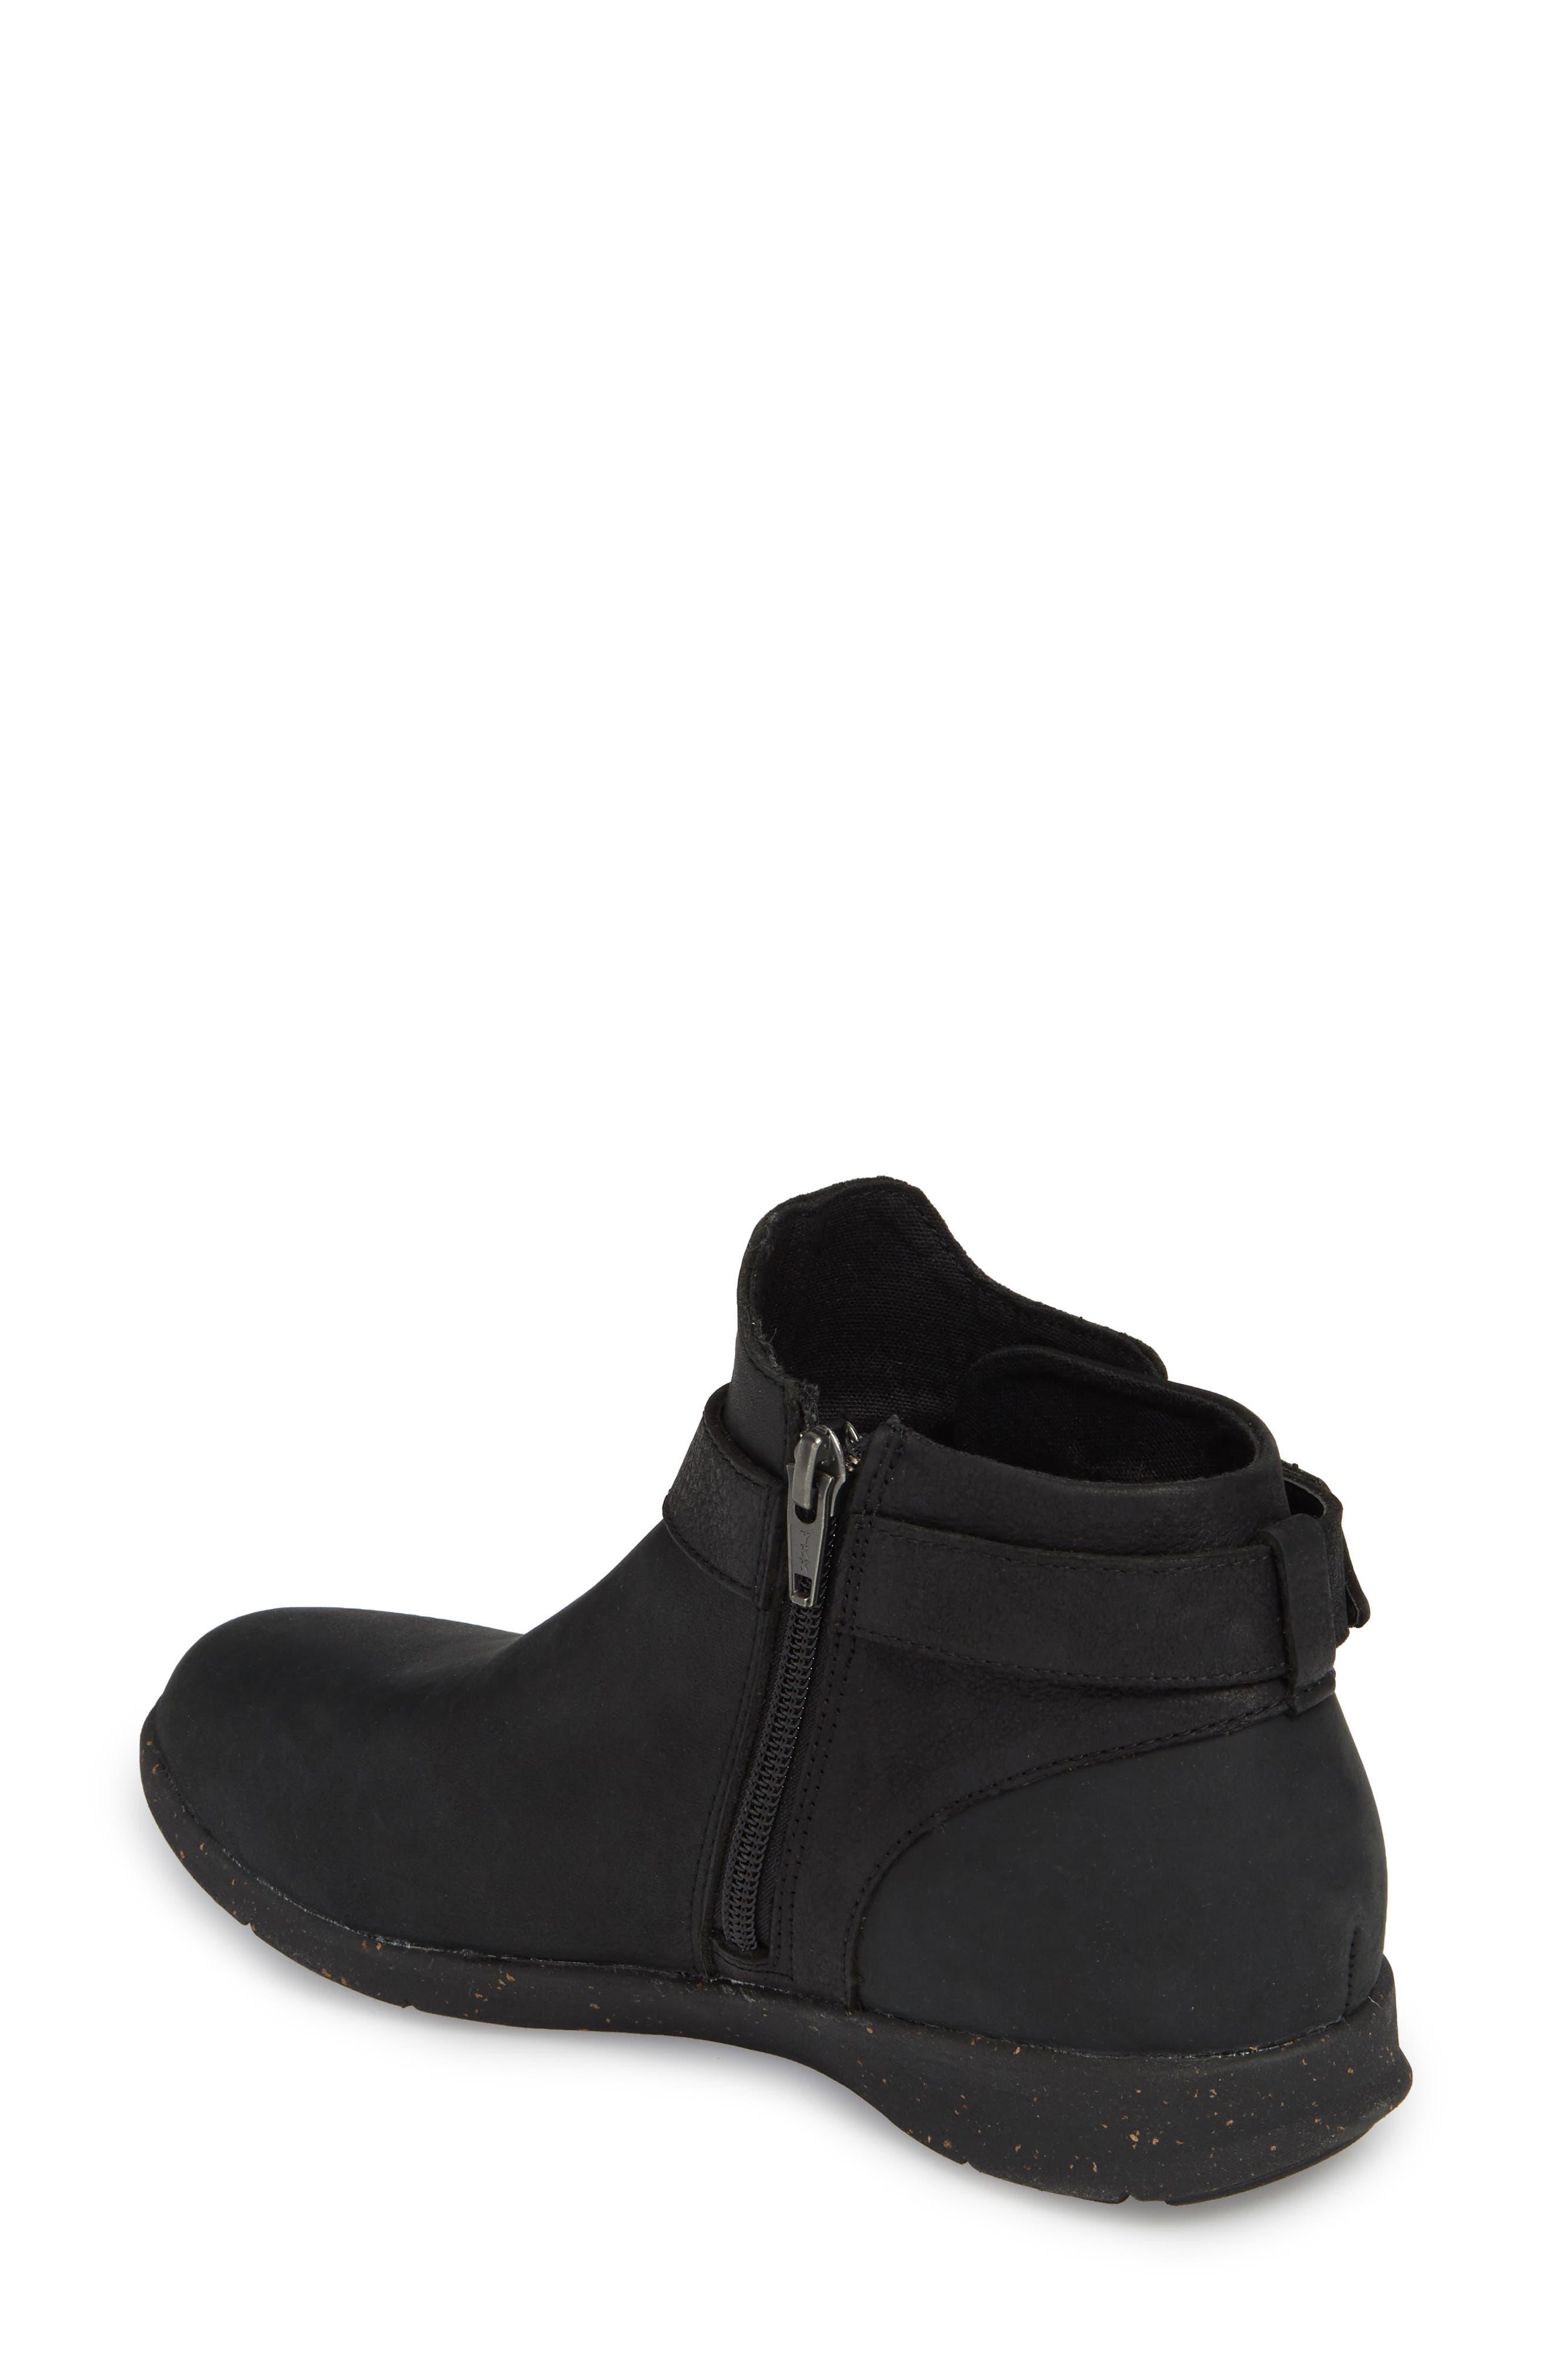 Ash Bootie,                             Alternate thumbnail 2, color,                             Black Leather